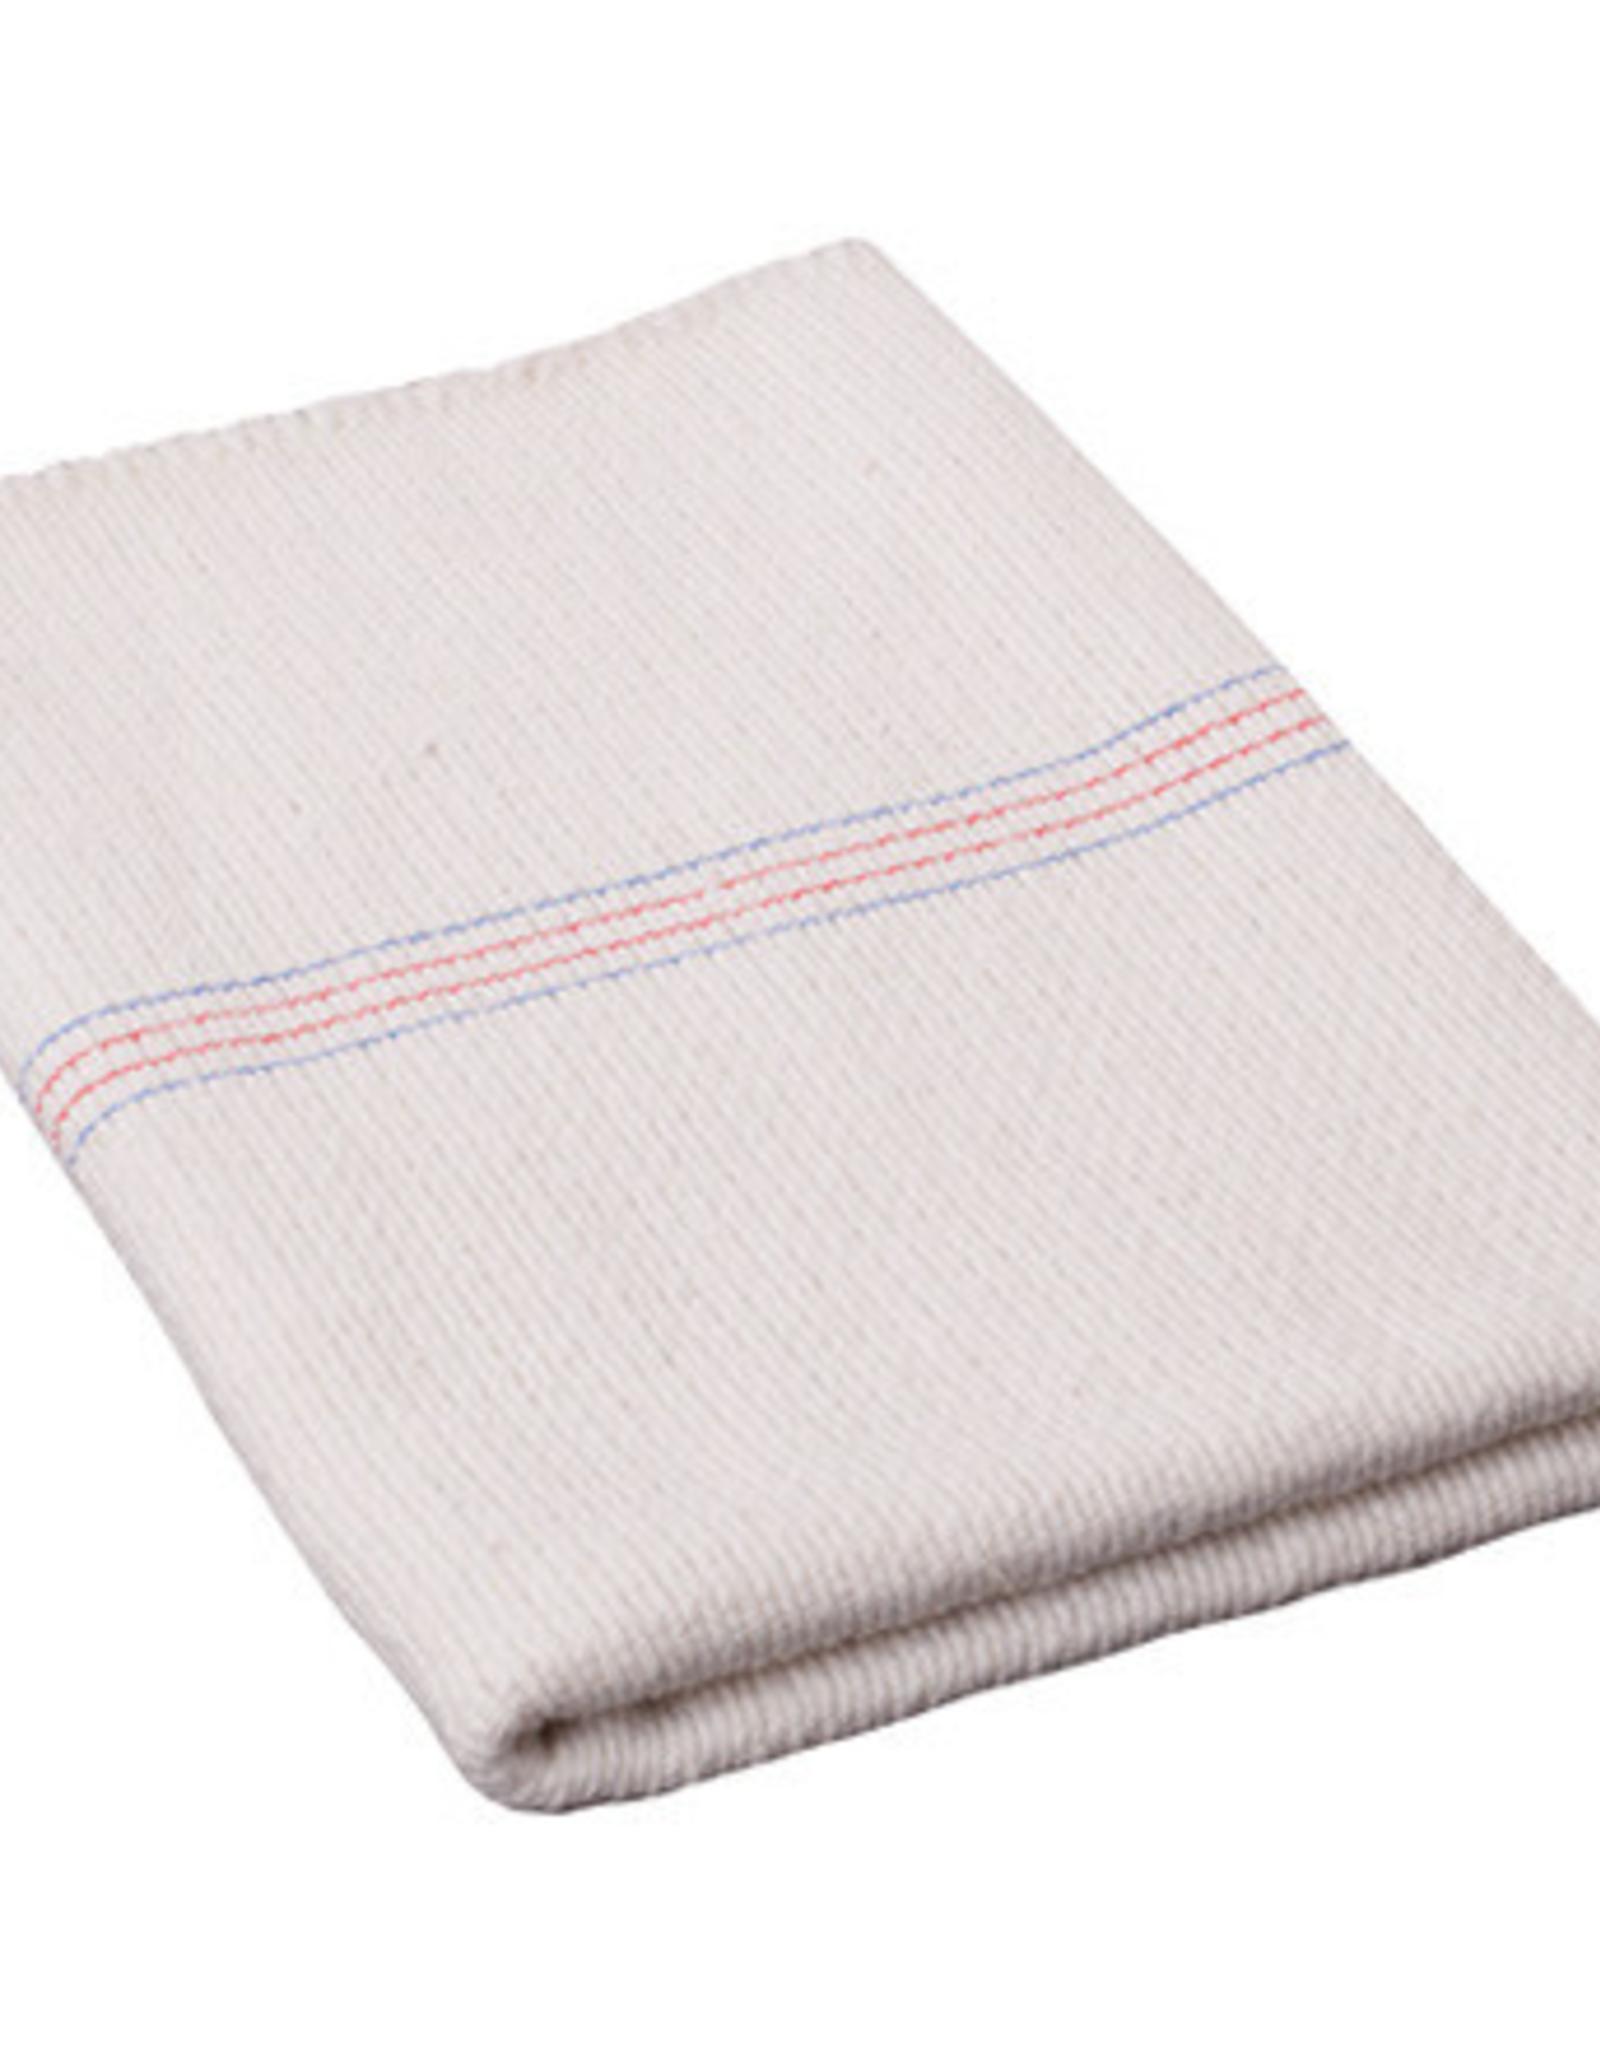 Redecker Redecker Floor Cloth